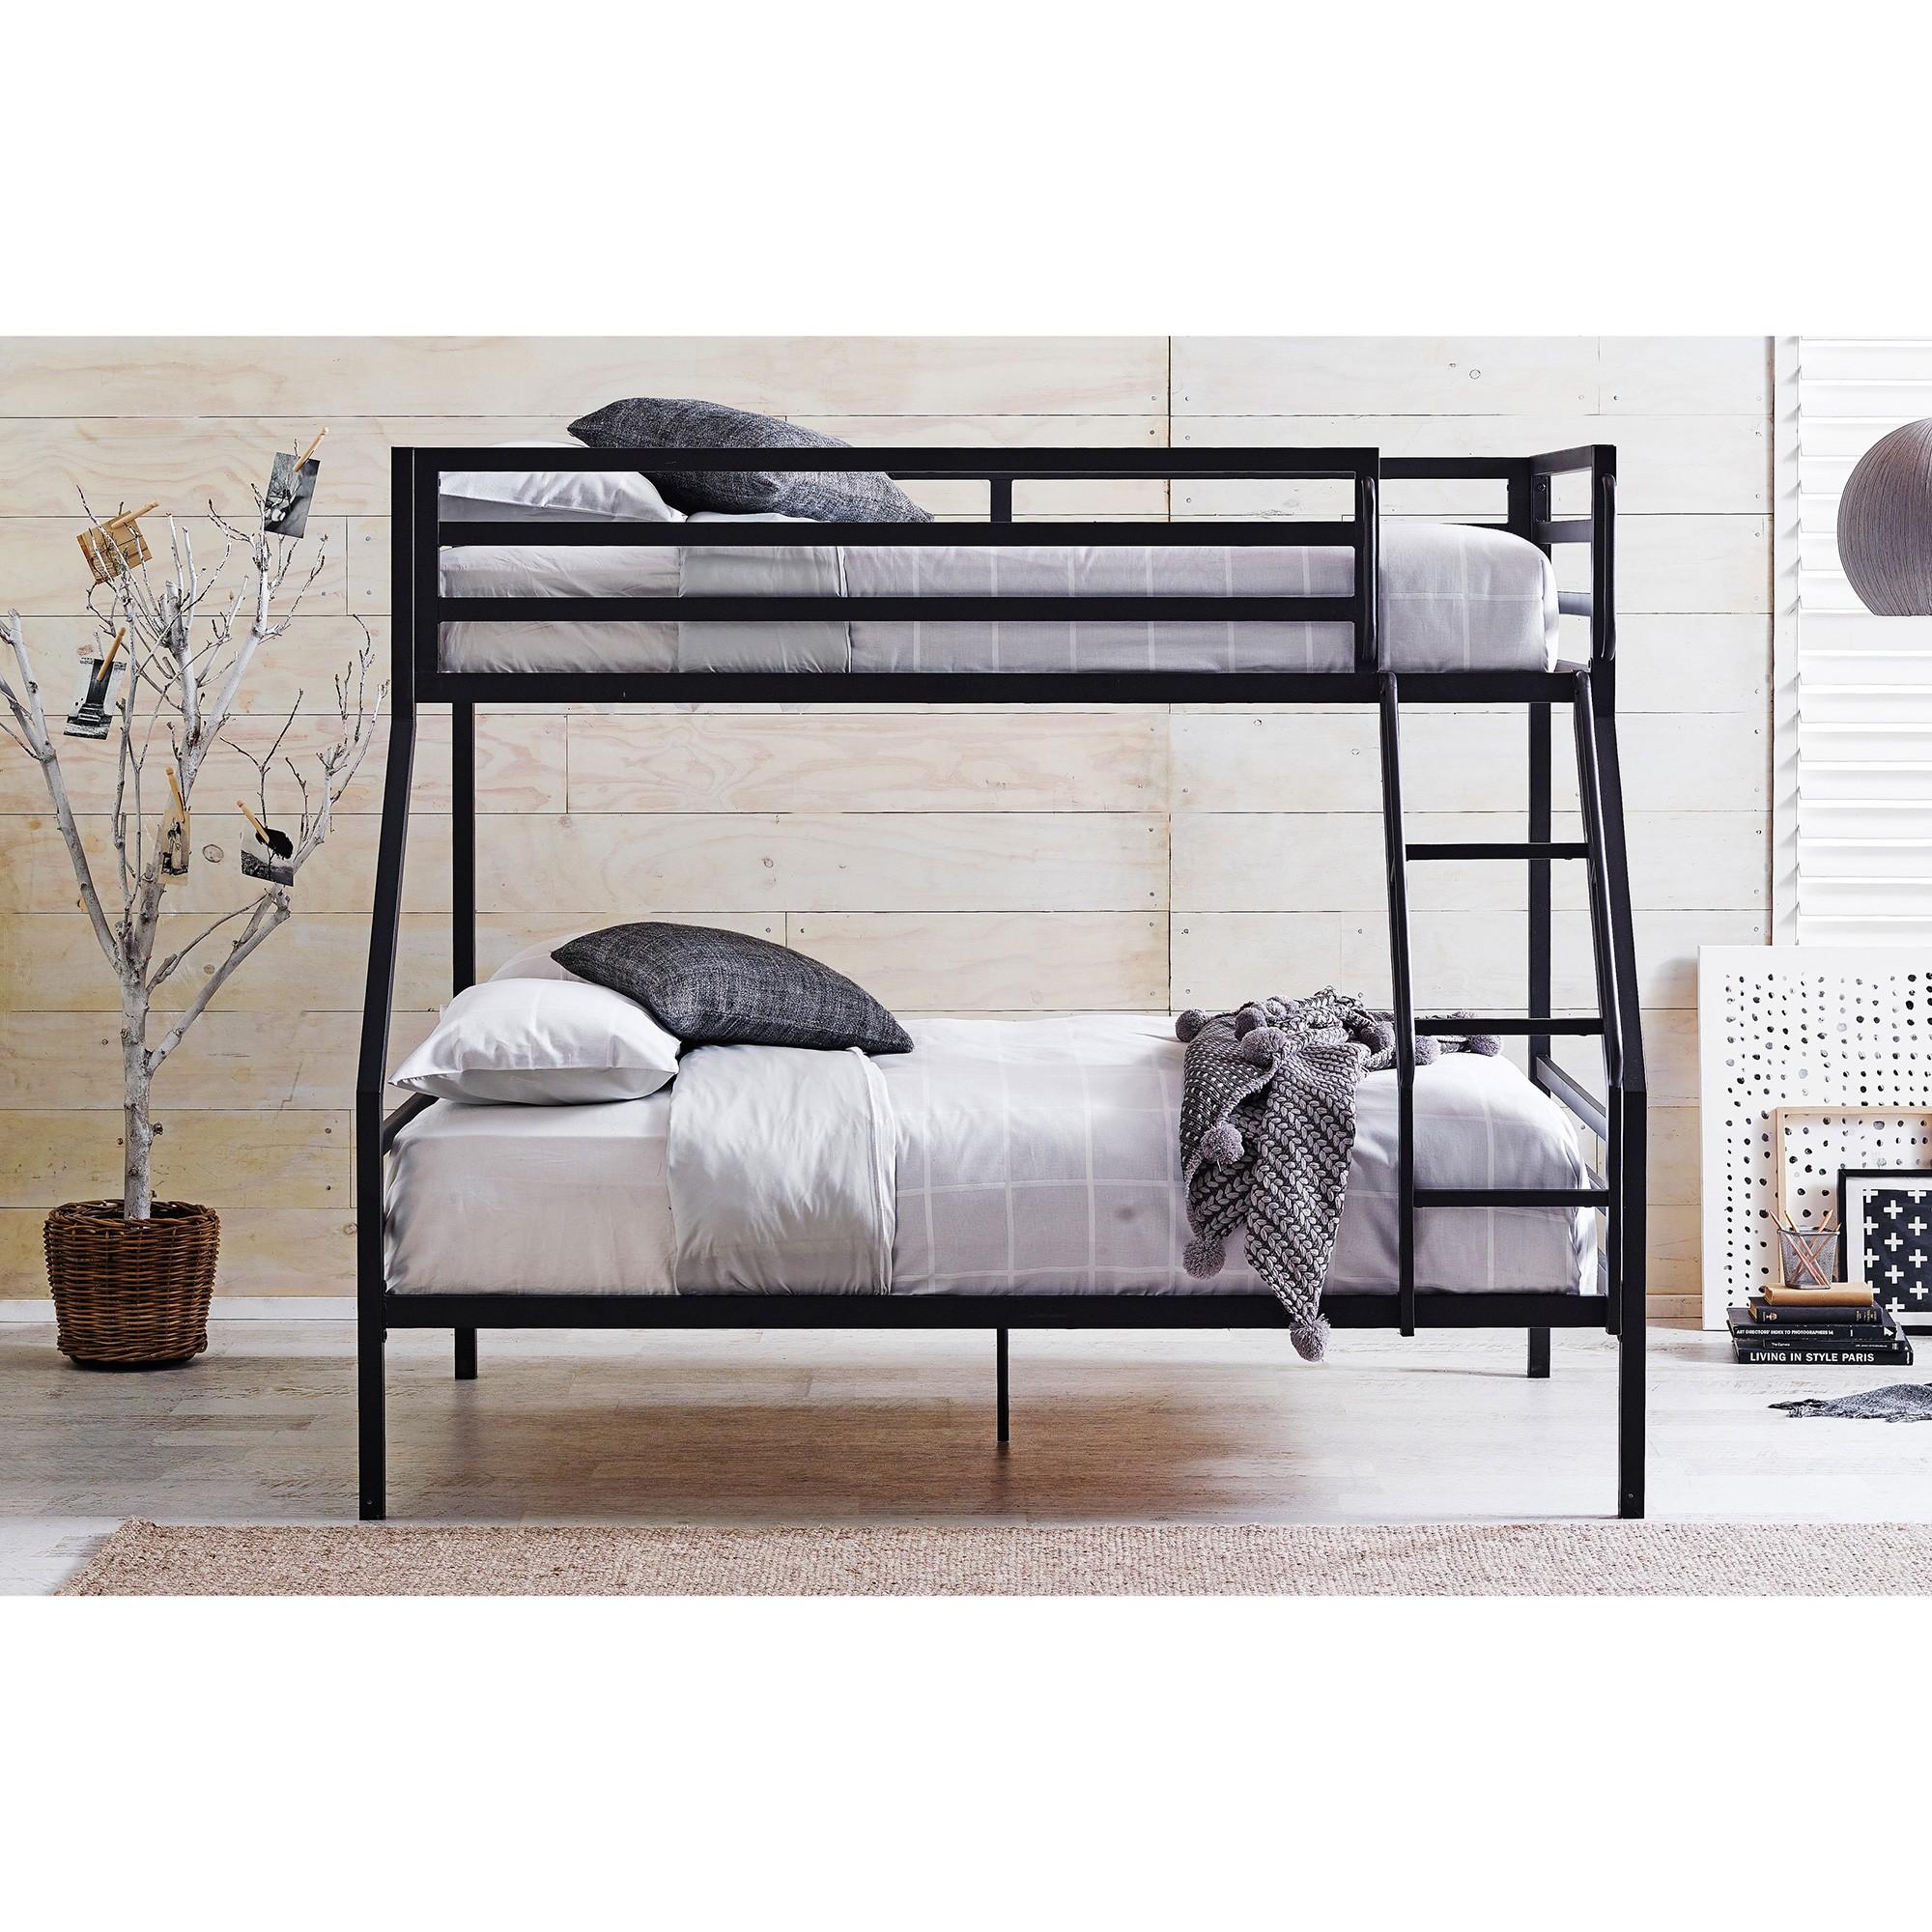 Castle Metal Bunk Bed, Trio, Black